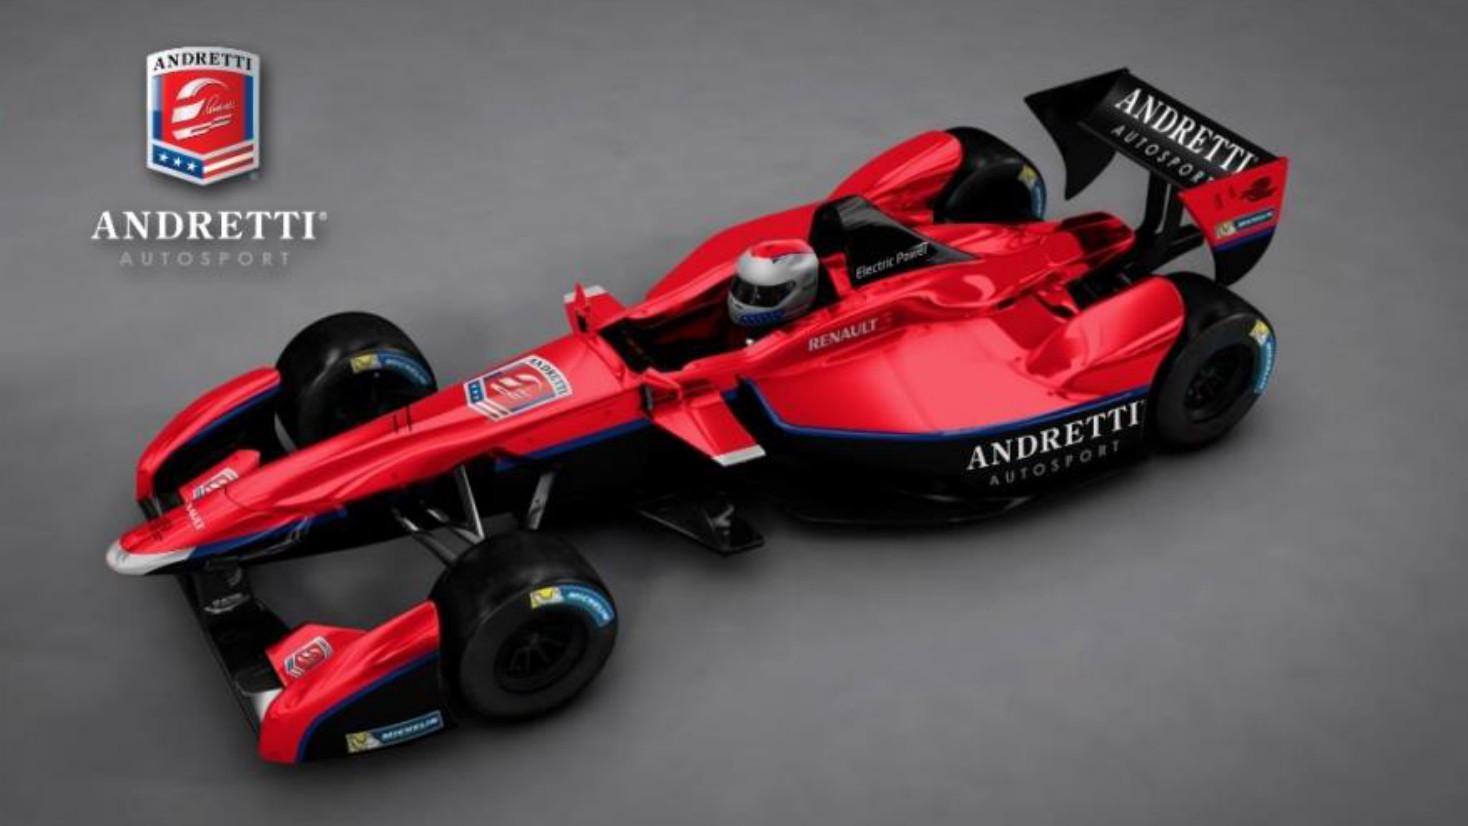 Formel E: Start September 2014, Andretti drittes Team